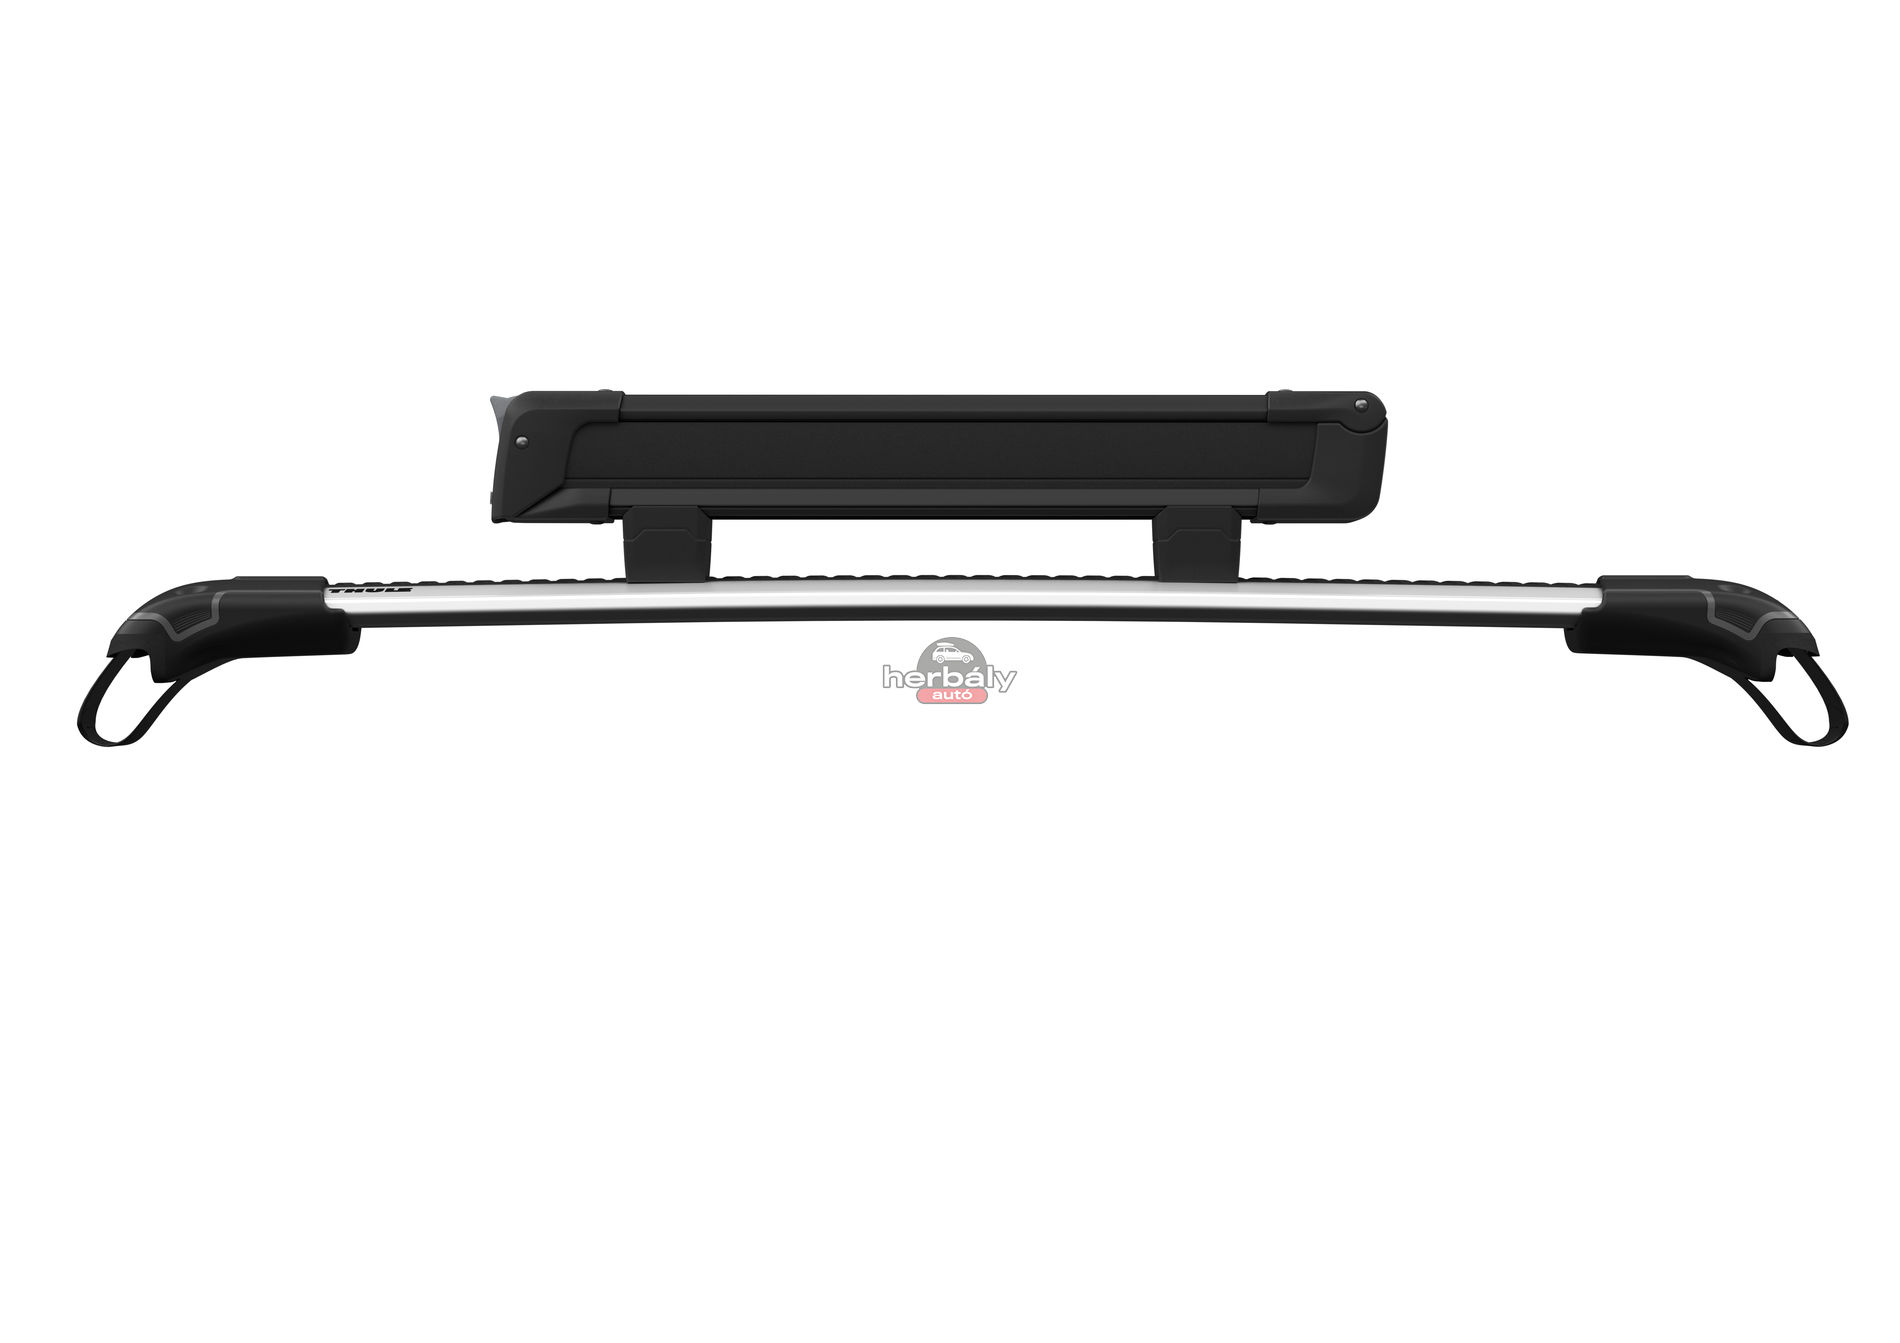 Thule SnowPack 7324B síléctartó, 50 cm, fekete